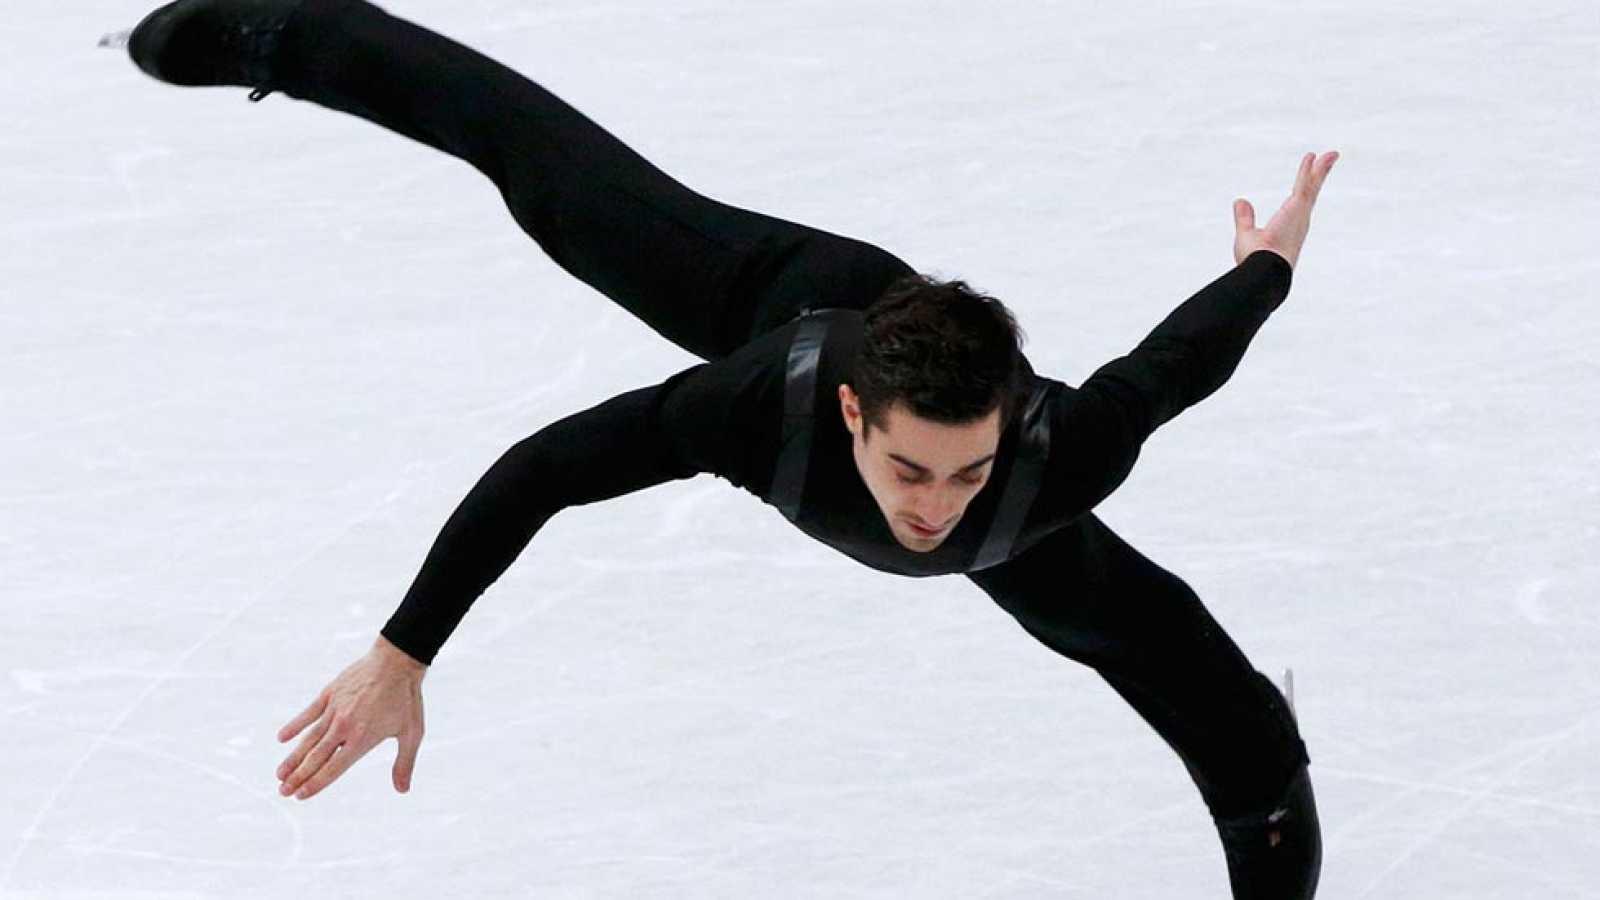 Cto. del mundo de patinaje artístico | Javier Fernández